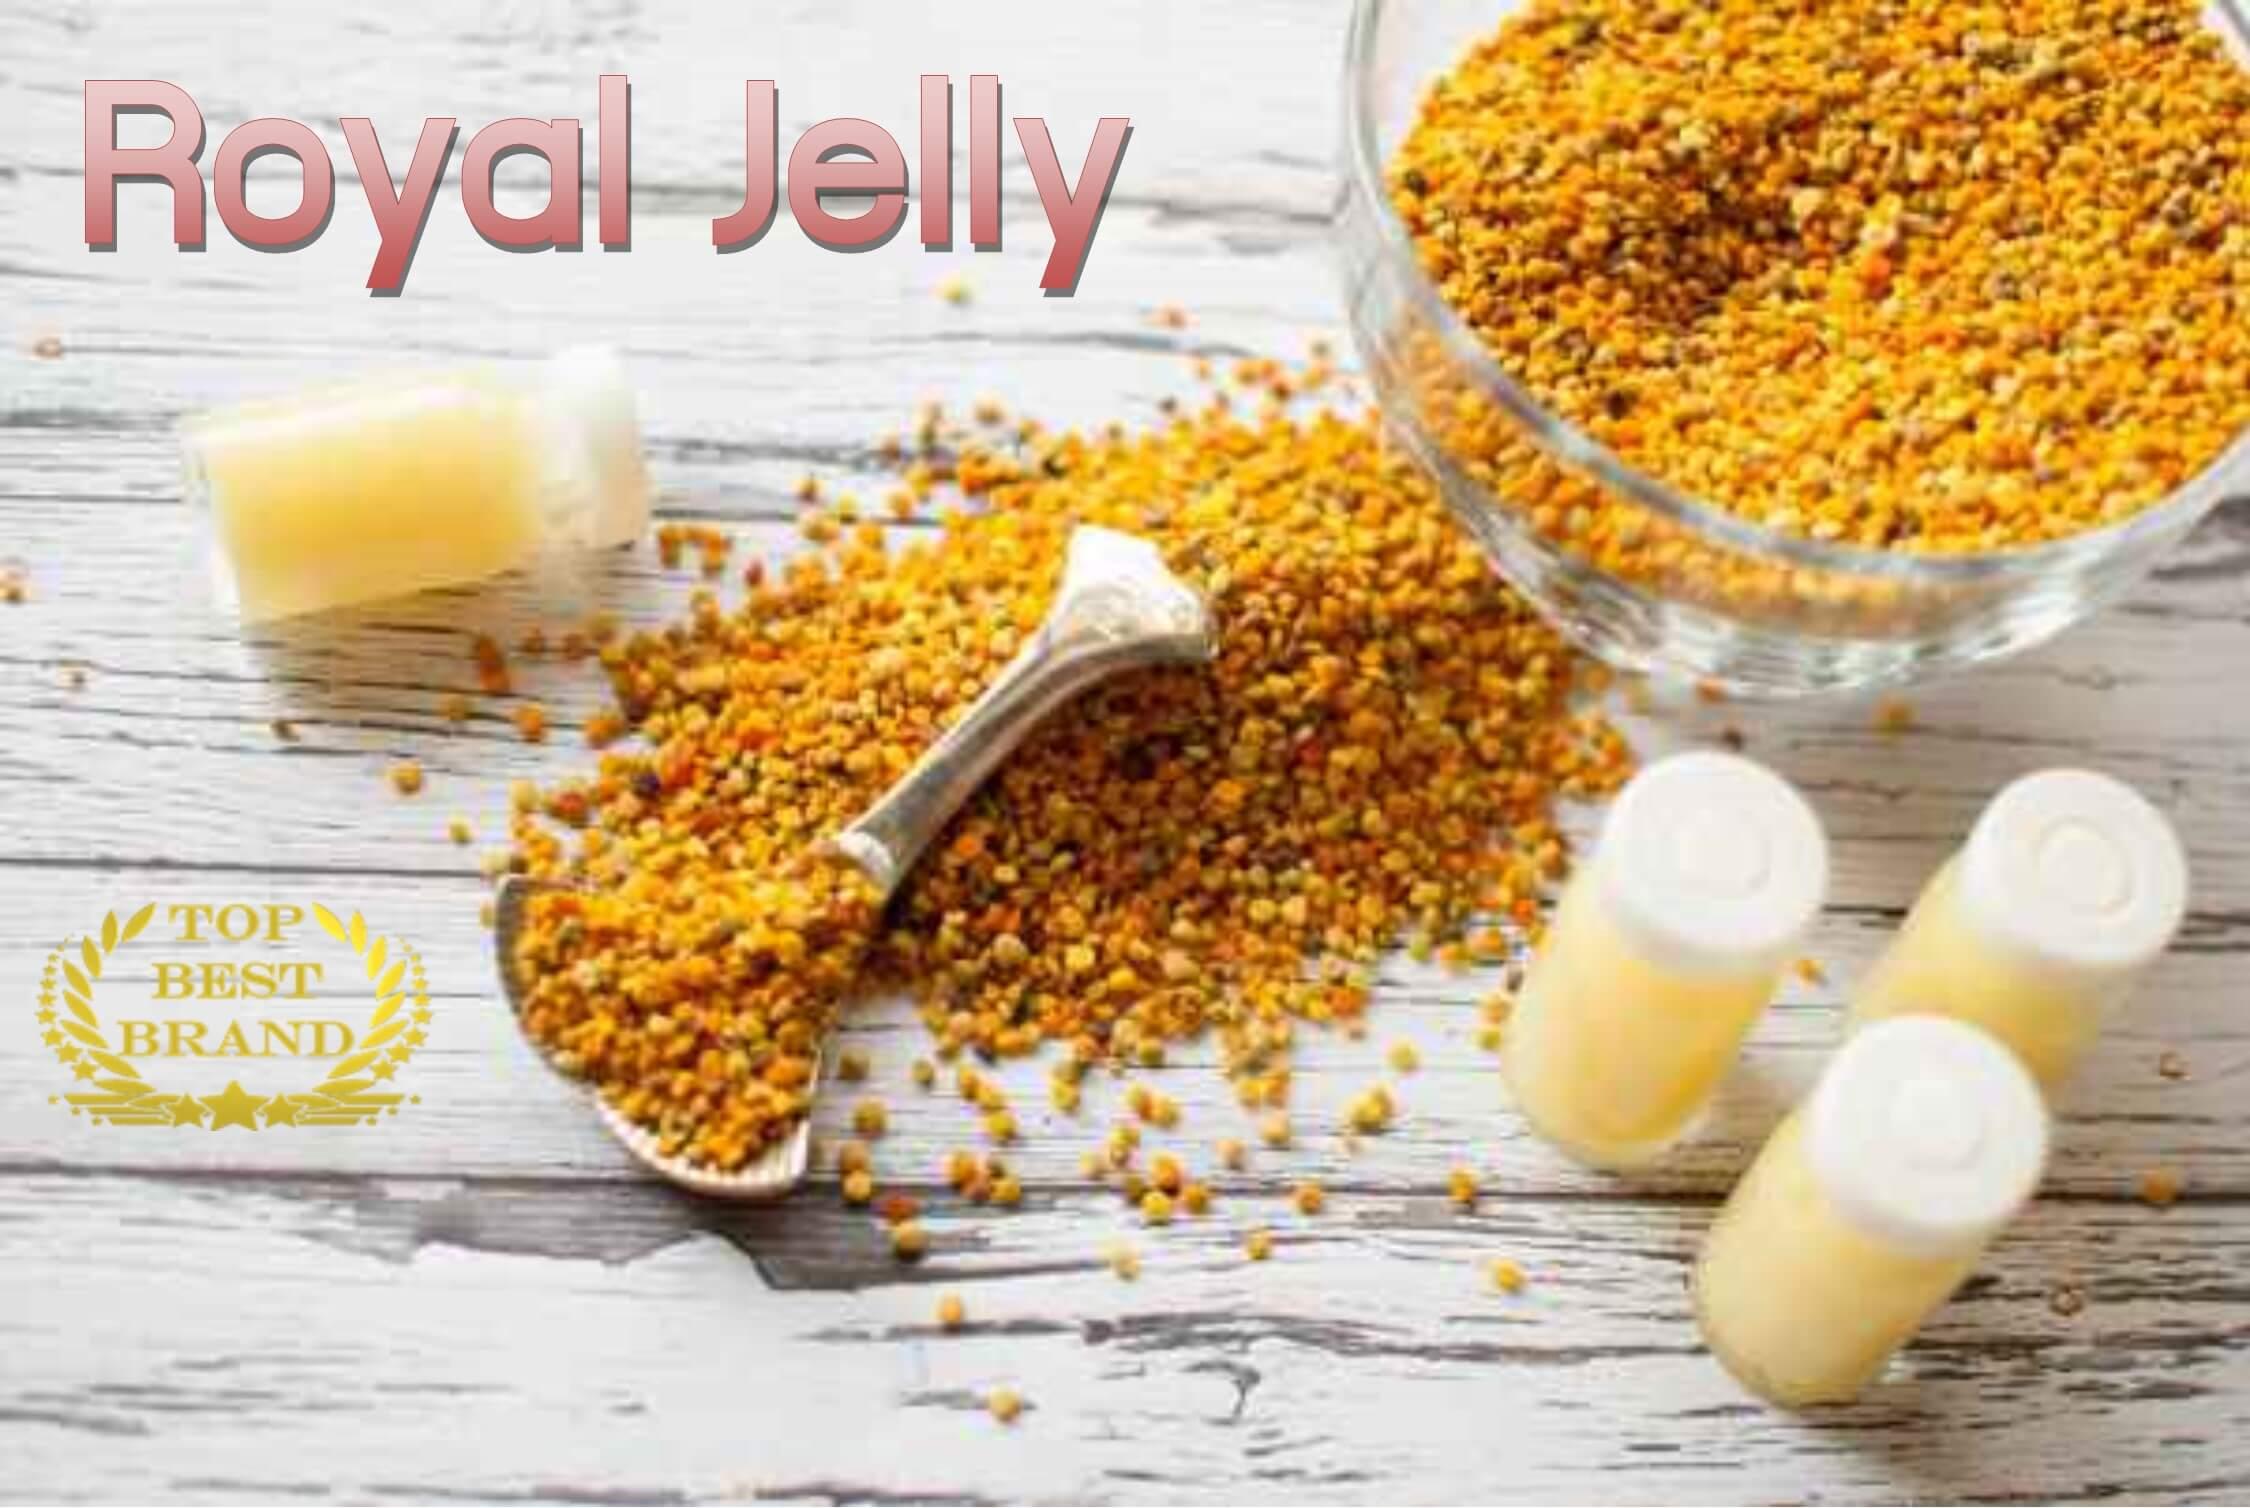 10 'อาหารเสริมนมผึ้ง' ที่ดีที่สุด บำรุงร่างกายให้แข็งแรง พร้อมให้ผิวสวย สุขภาพดี 1